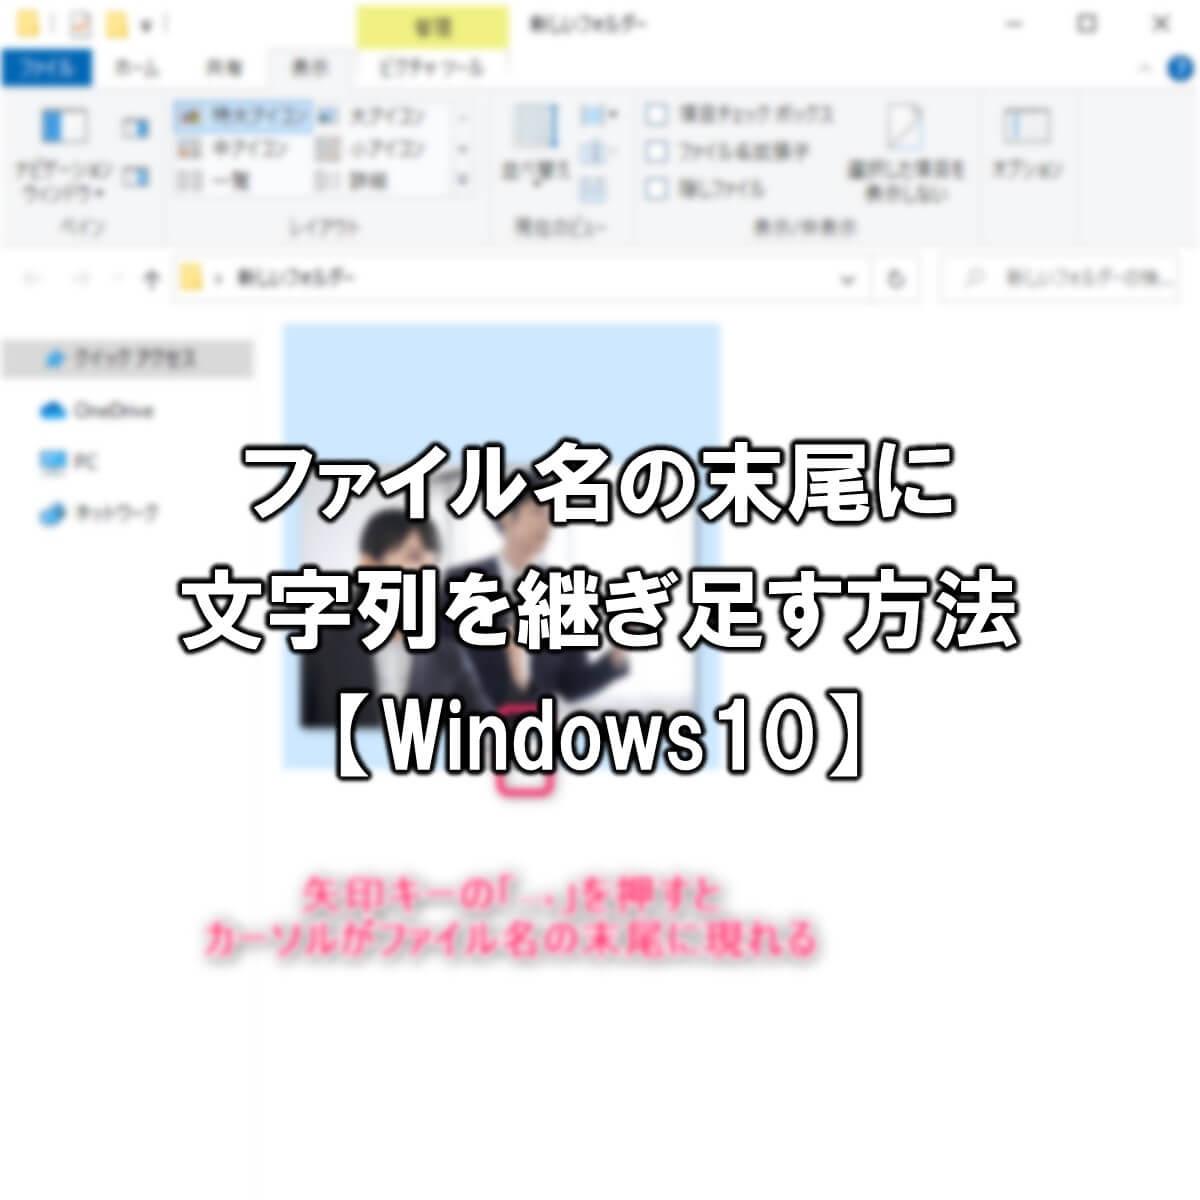 ファイル名に文字を継ぎ足す方法【Windows10ファイル名変更】